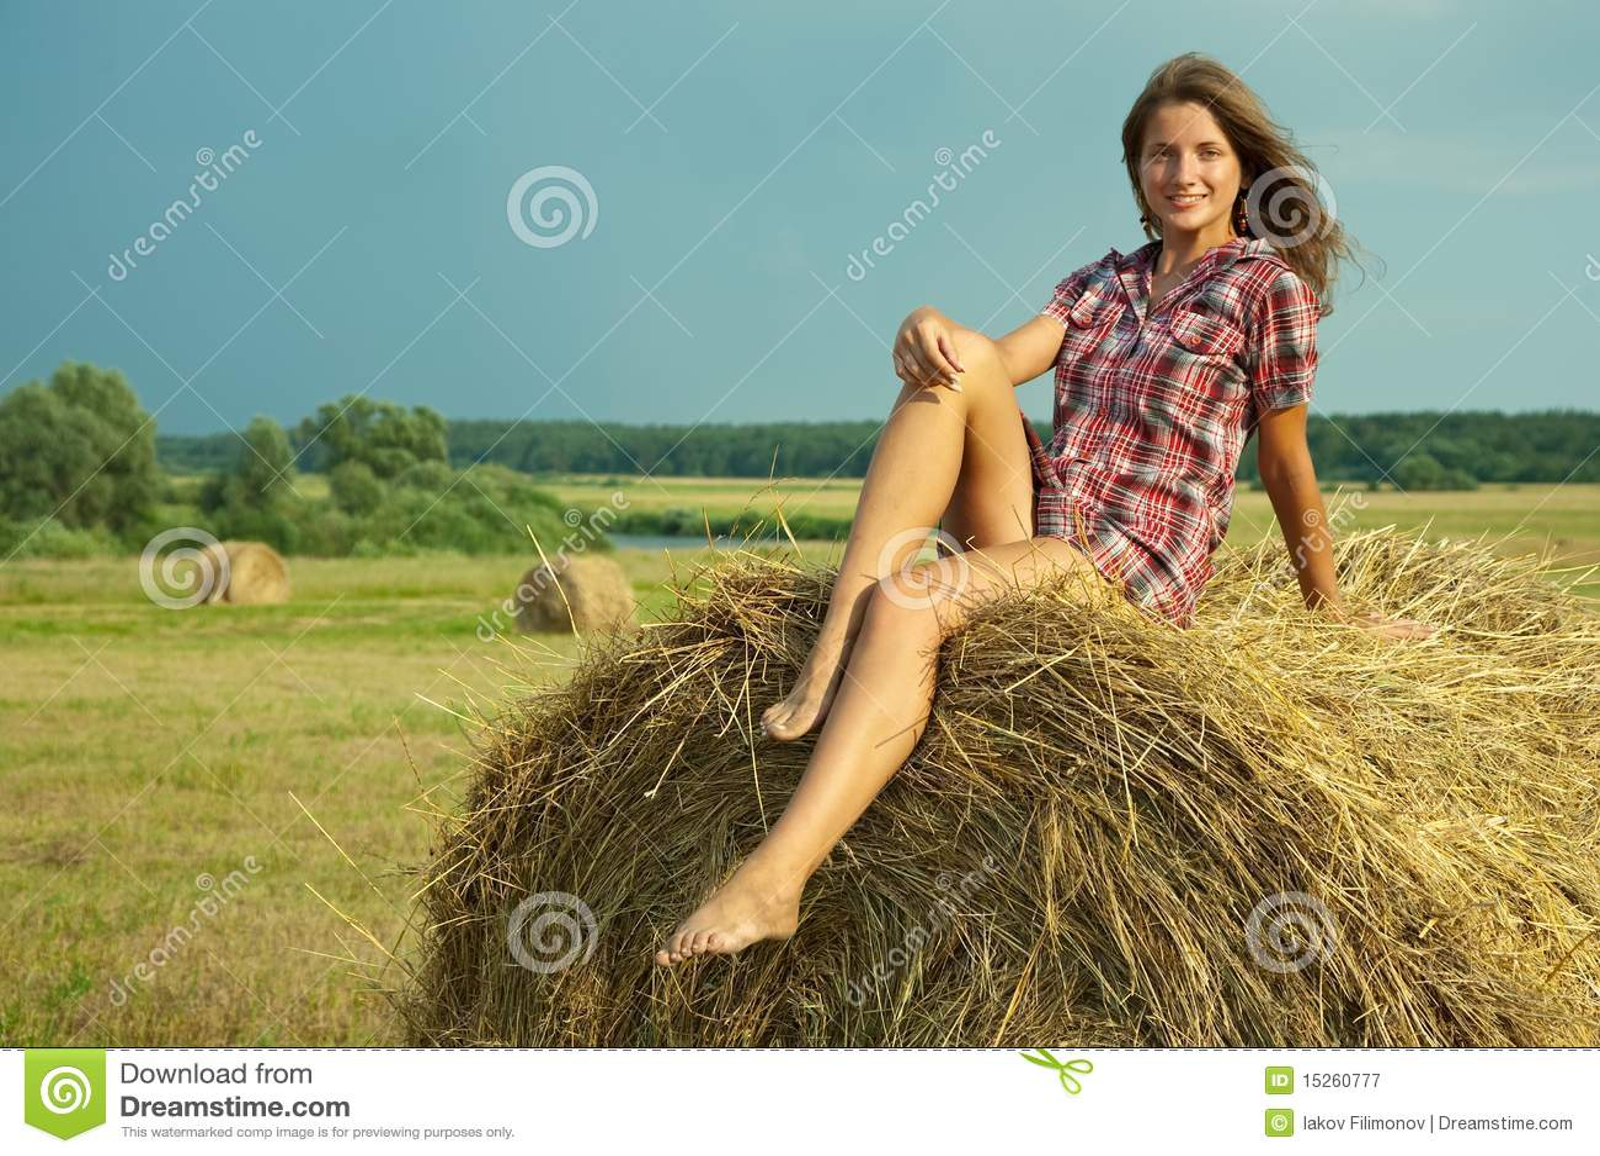 Рассказ с тетей на сеновале, Порно рассказ «Сеновал и деревенская оргия 25 фотография